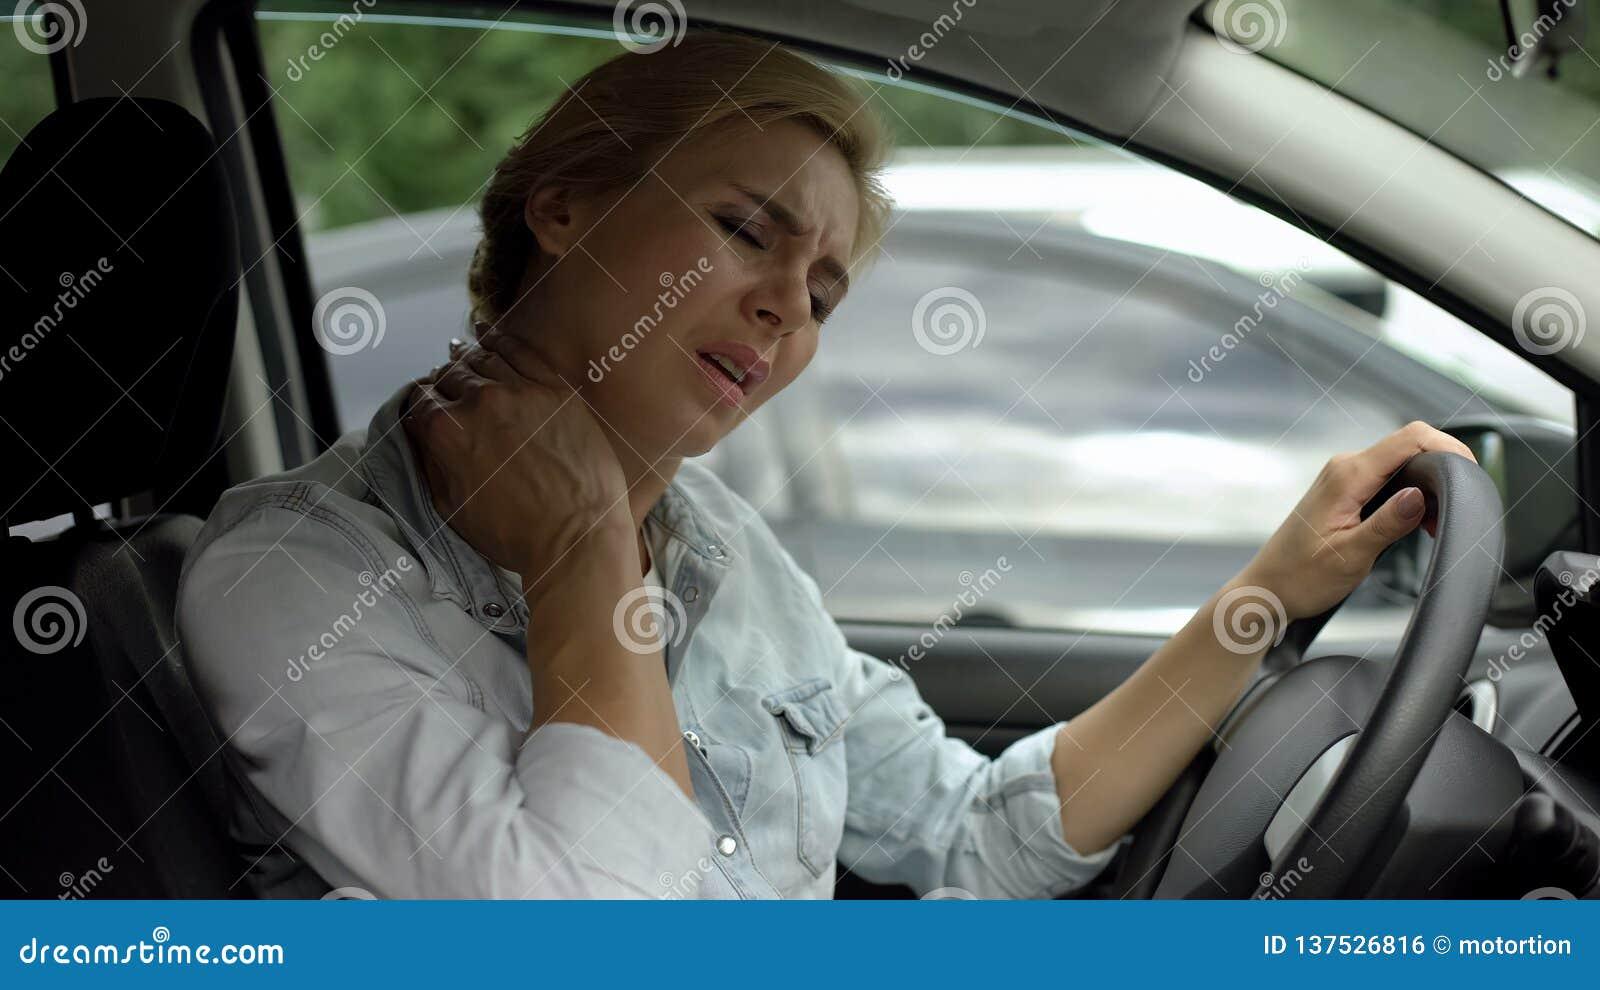 女性司机感觉脖子痛,背部肌肉炎症,惯座生活方式